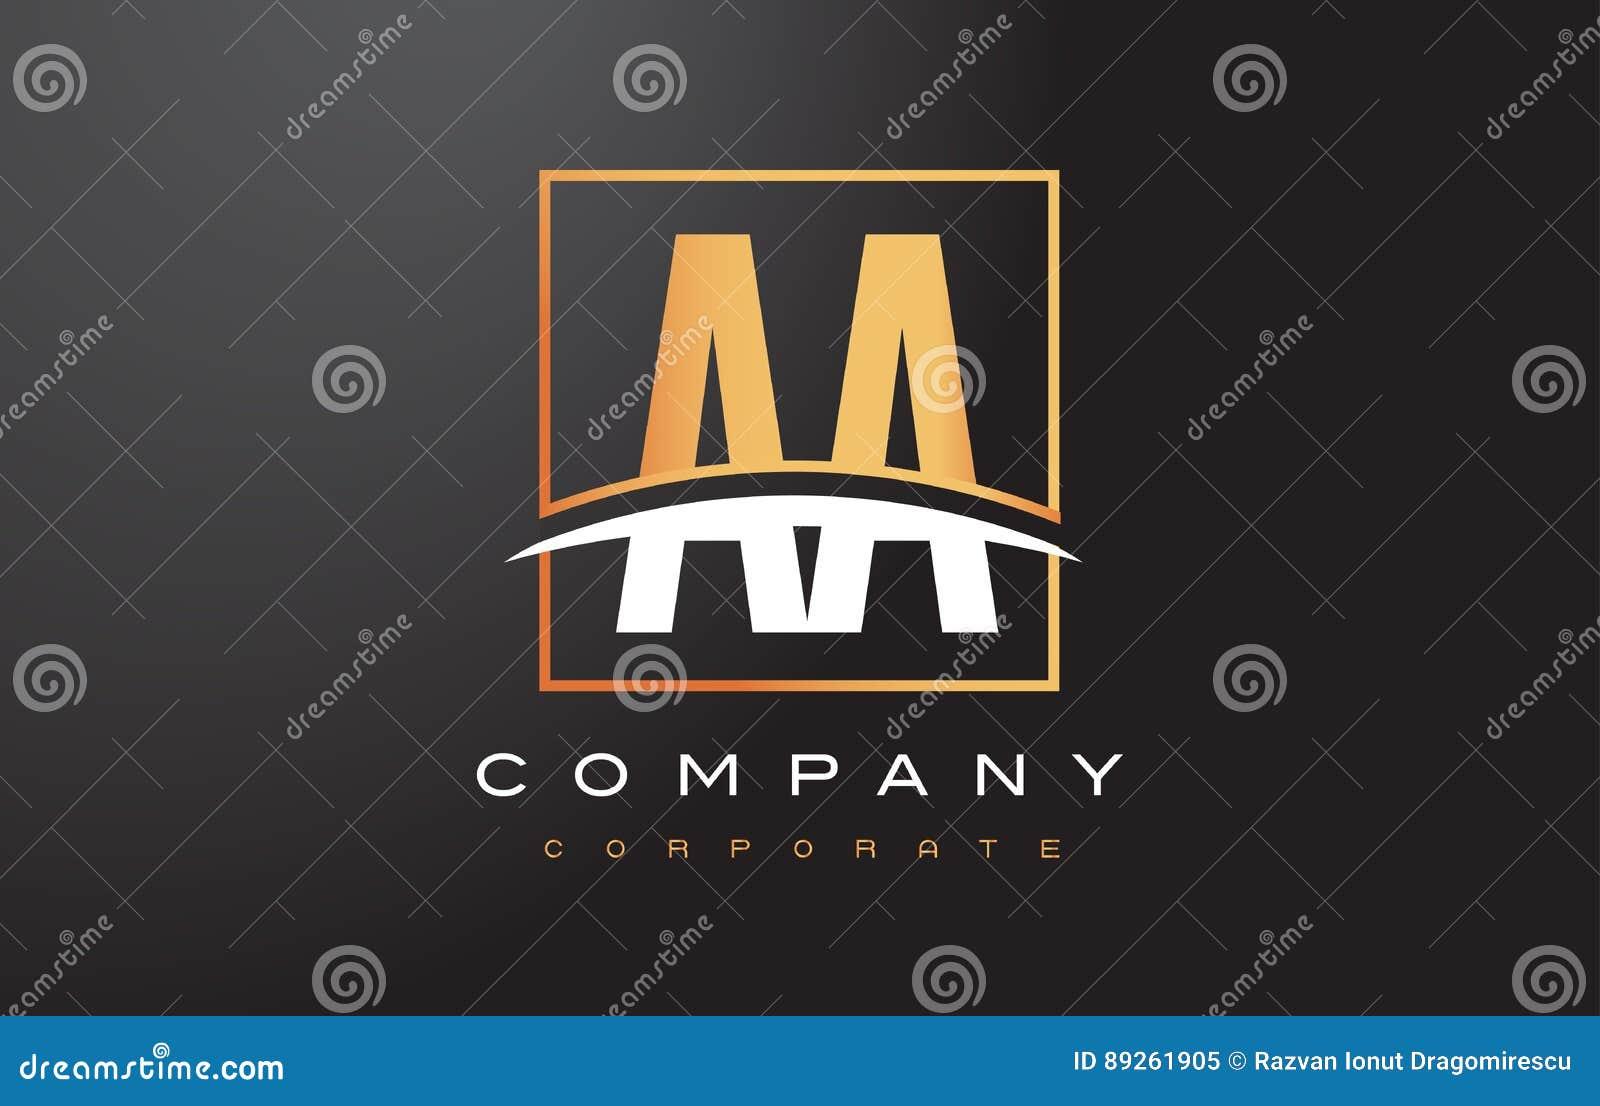 Aa une lettre d or Logo Design avec la place et le bruissement d or